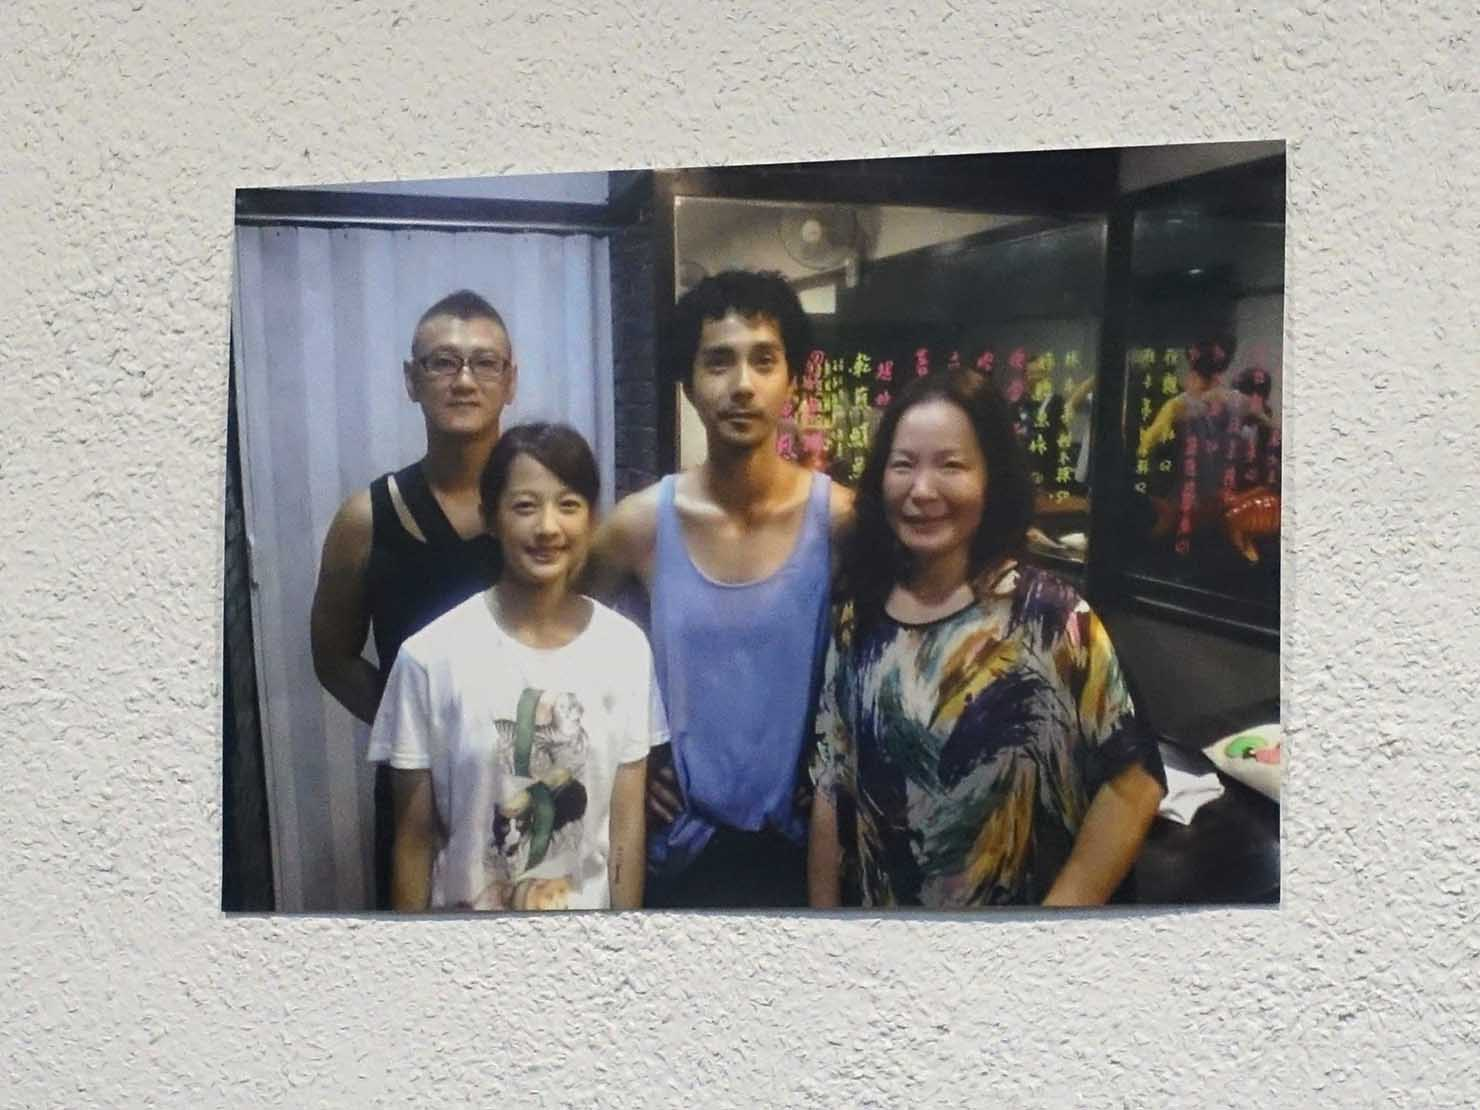 台北・行天宮のおすすめグルメ店「阿勳鹹粥」の店内に貼られた俳優さんの写真